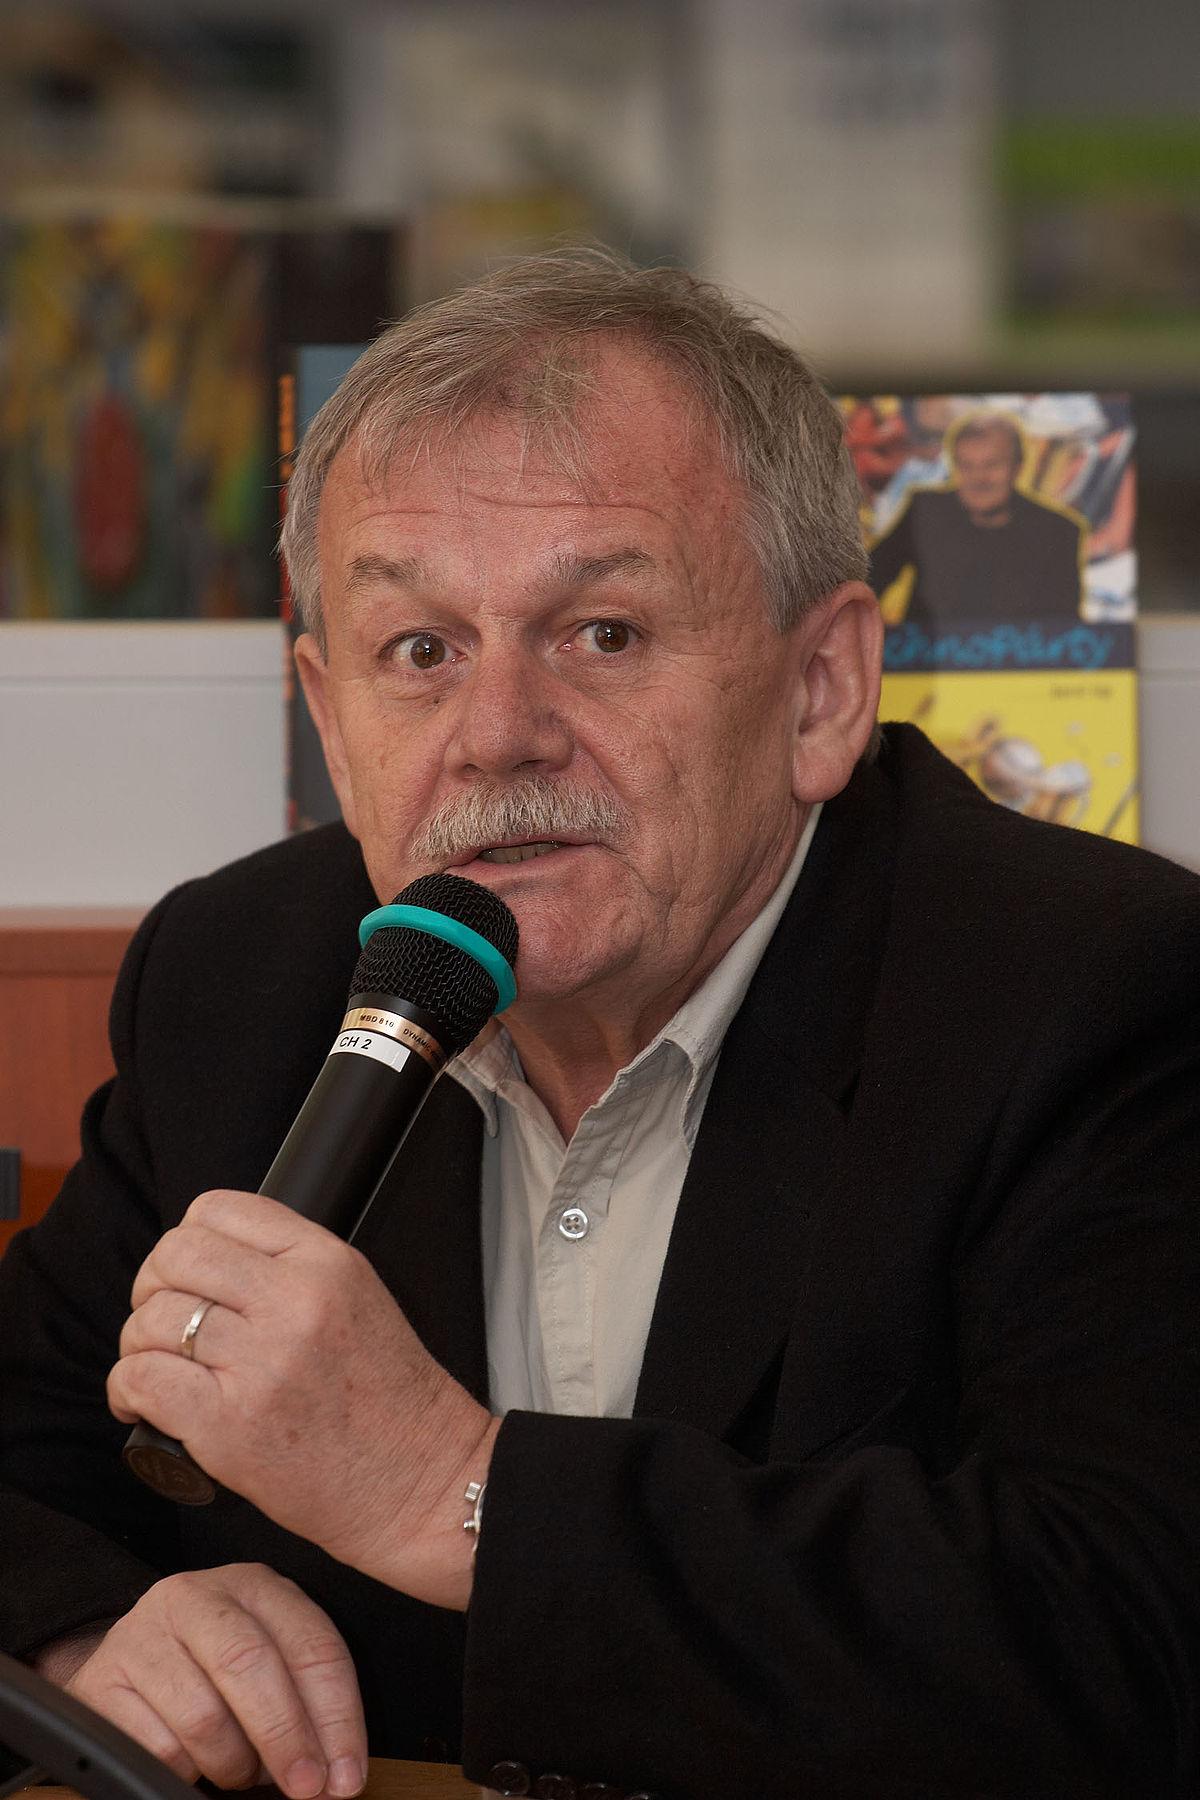 Němý Šíp na TýTý překvapil všechny. I sám sebe - tn.cz